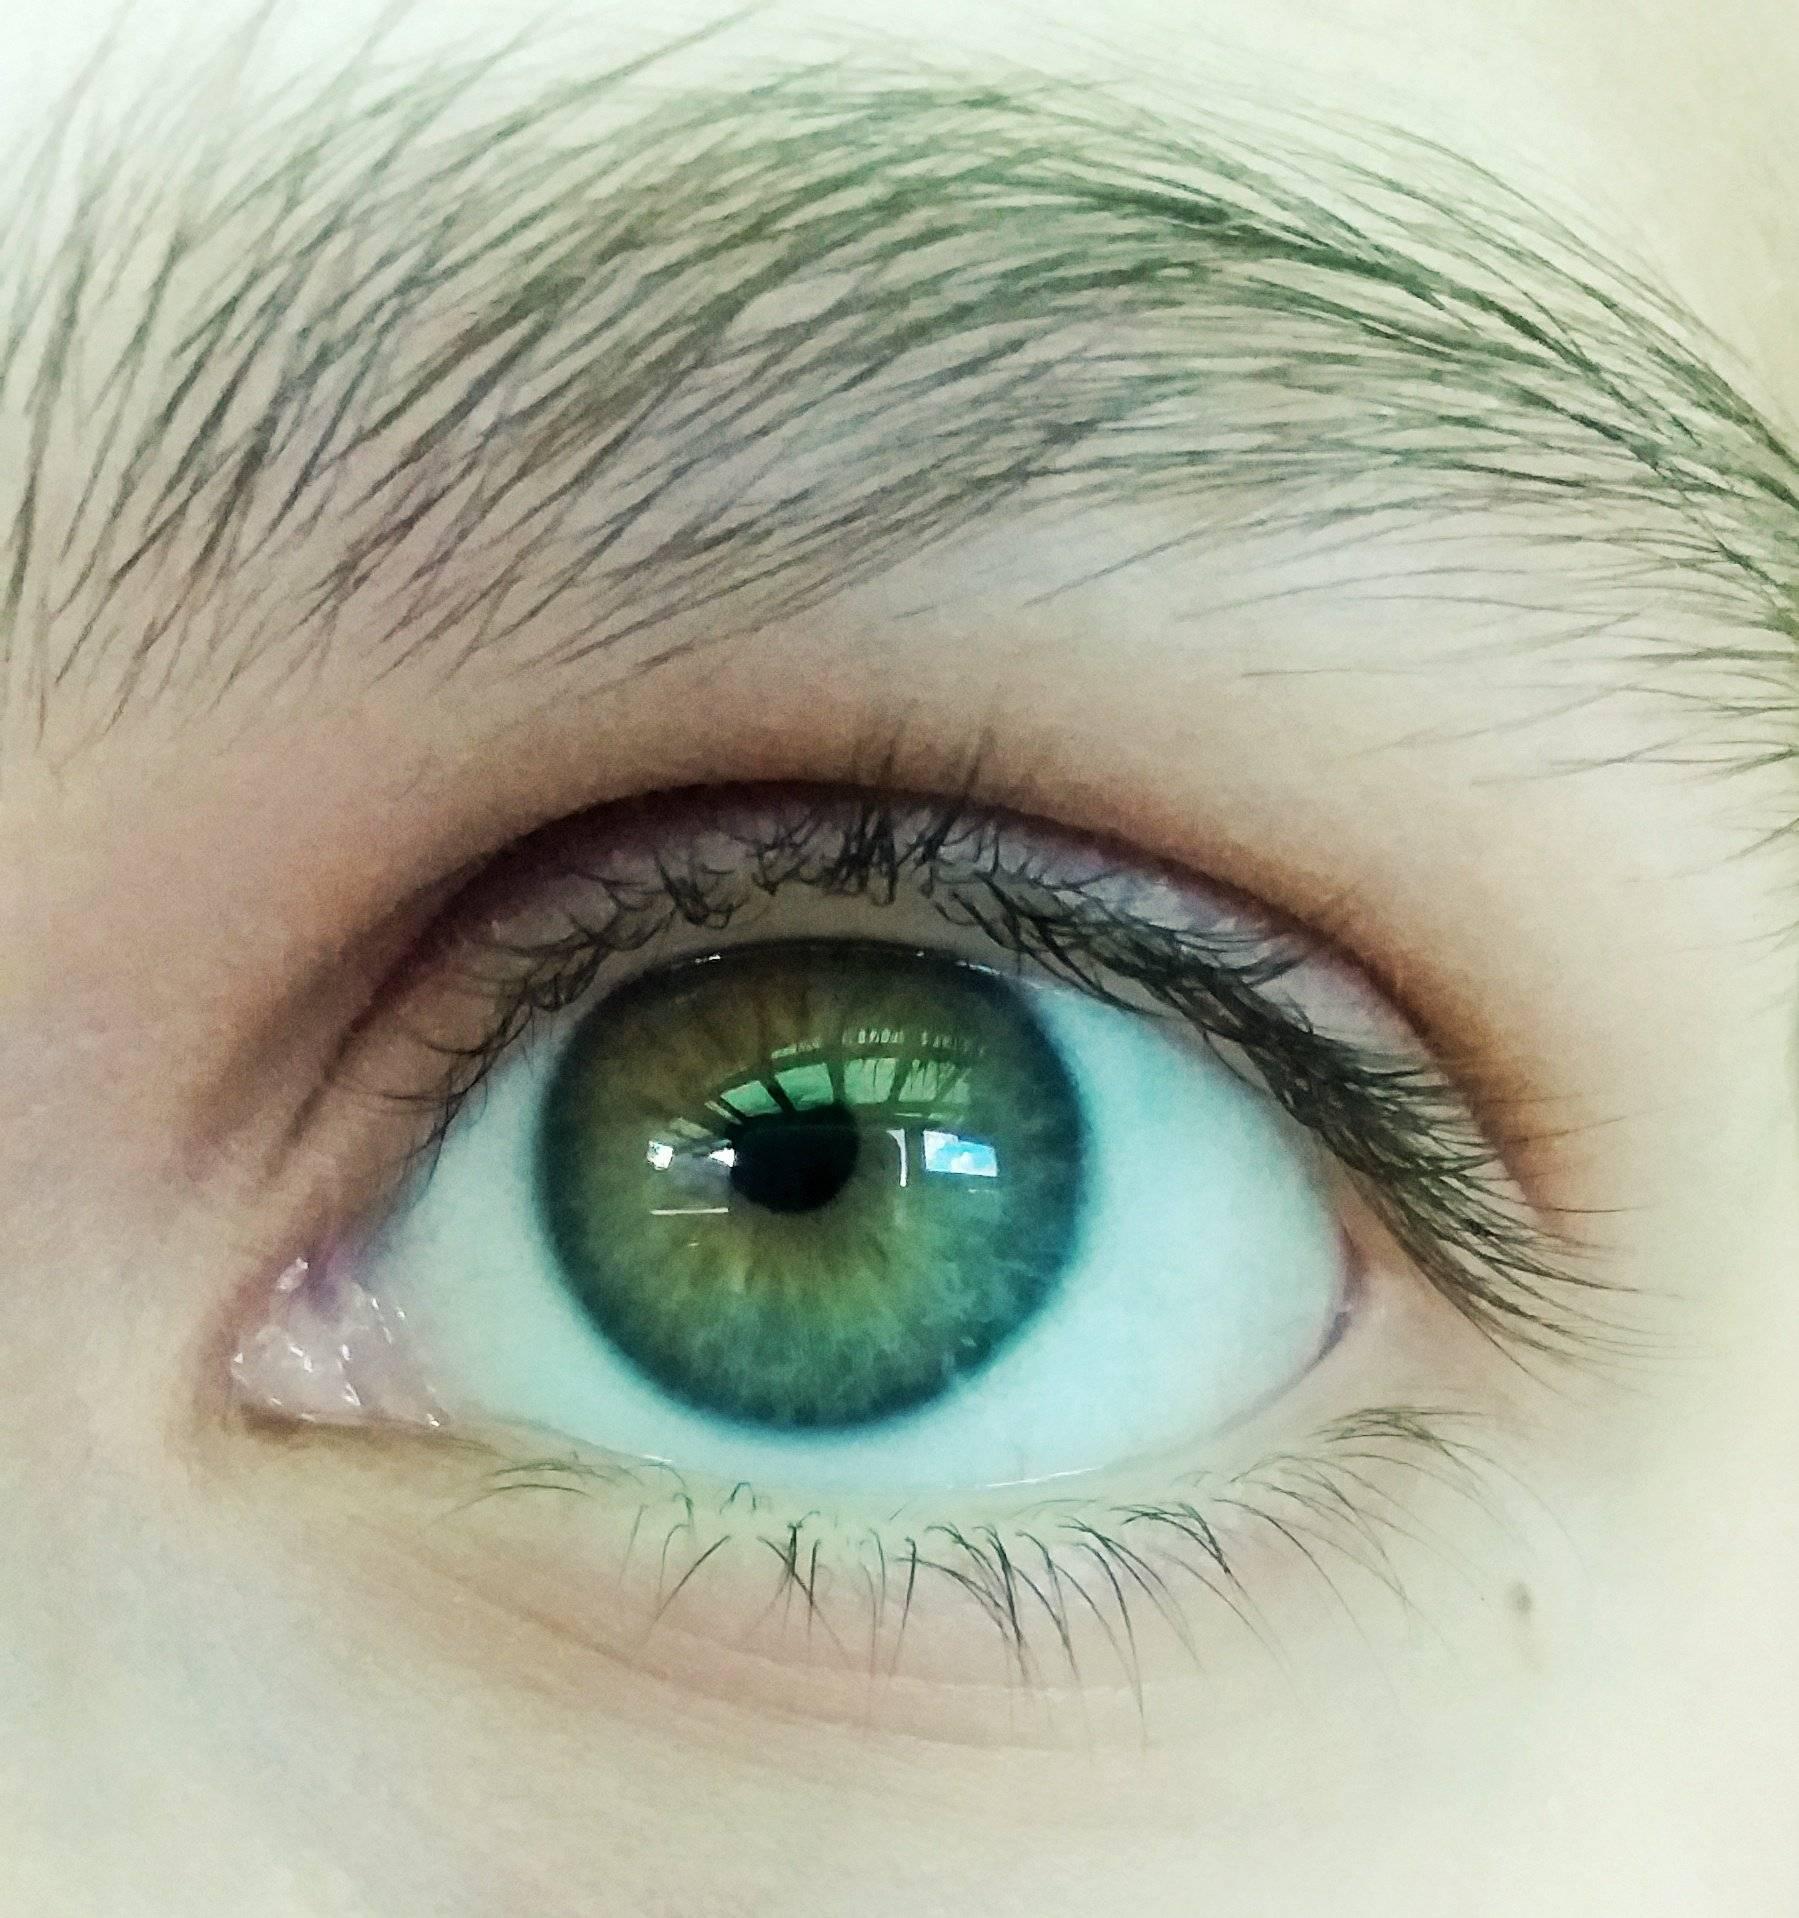 Почему меняется цвет глаз у взрослого человека: что на это влияет